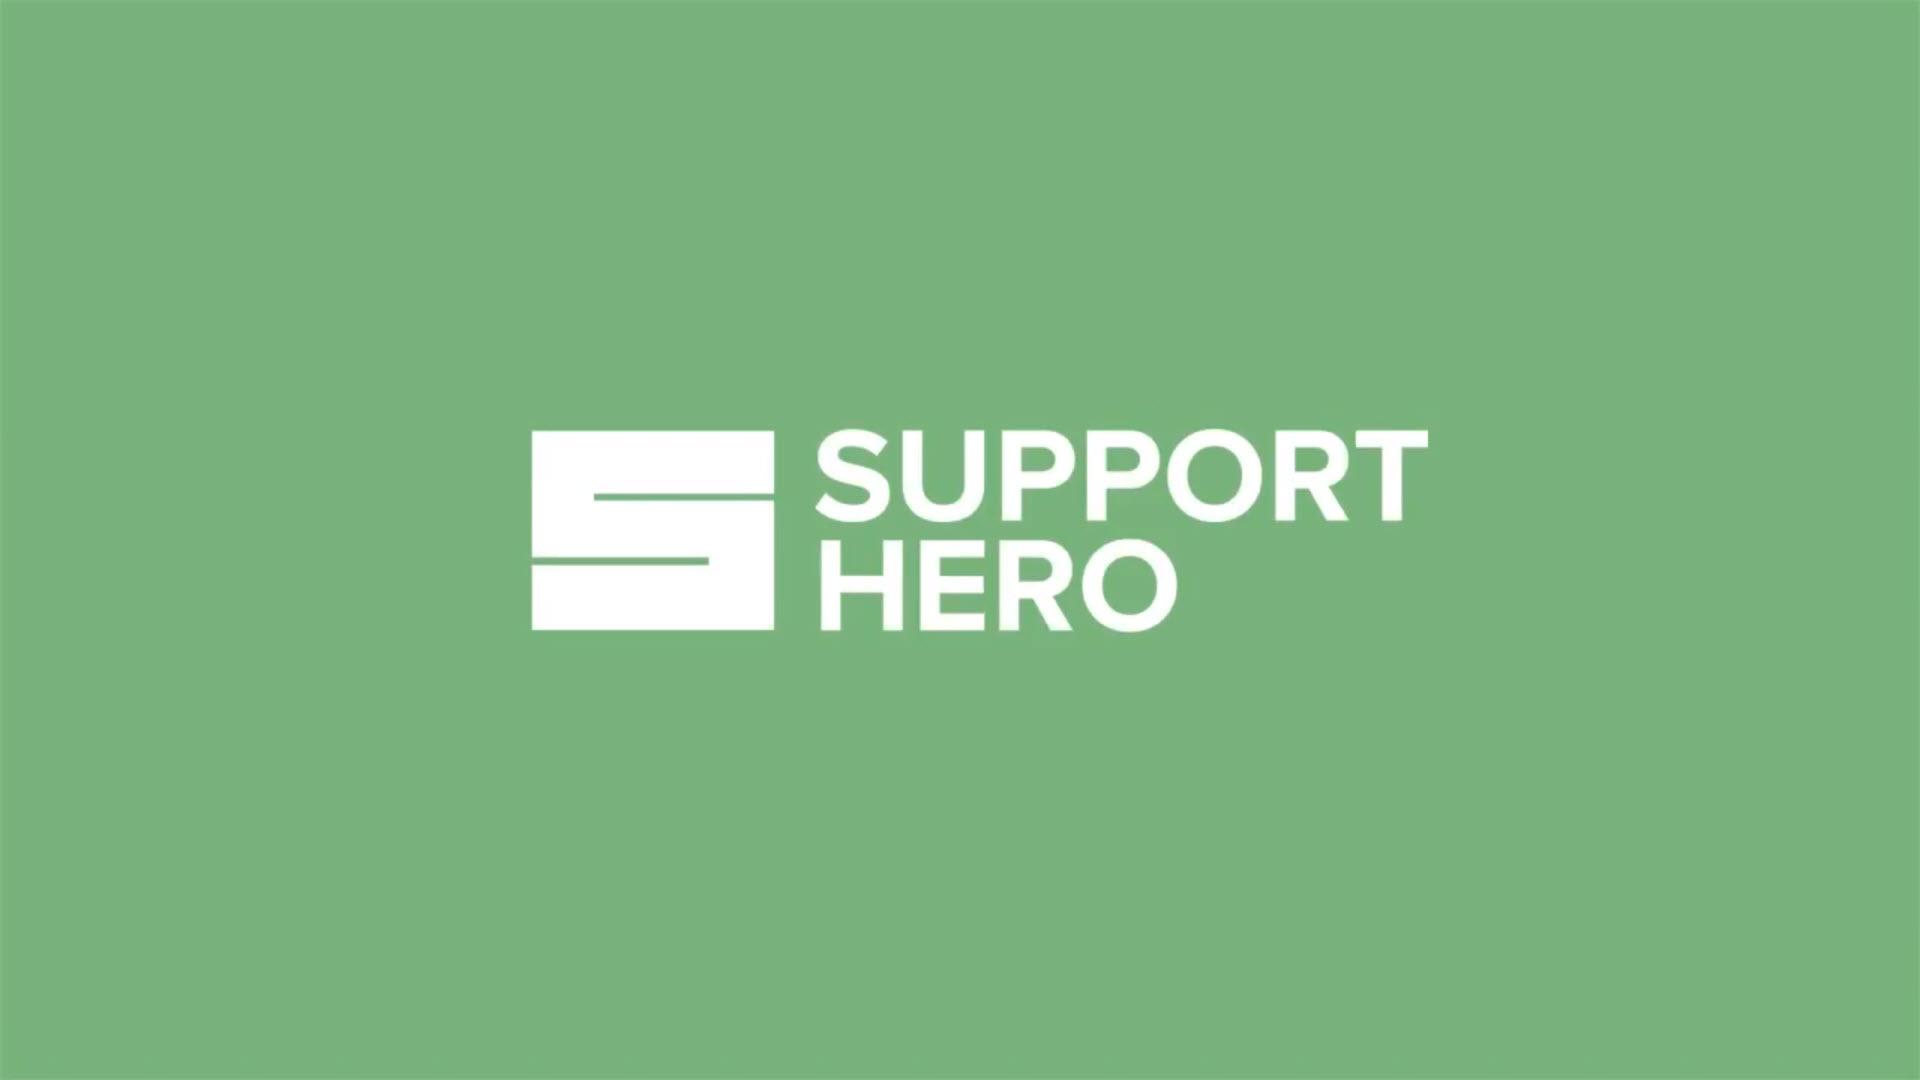 Support Hero